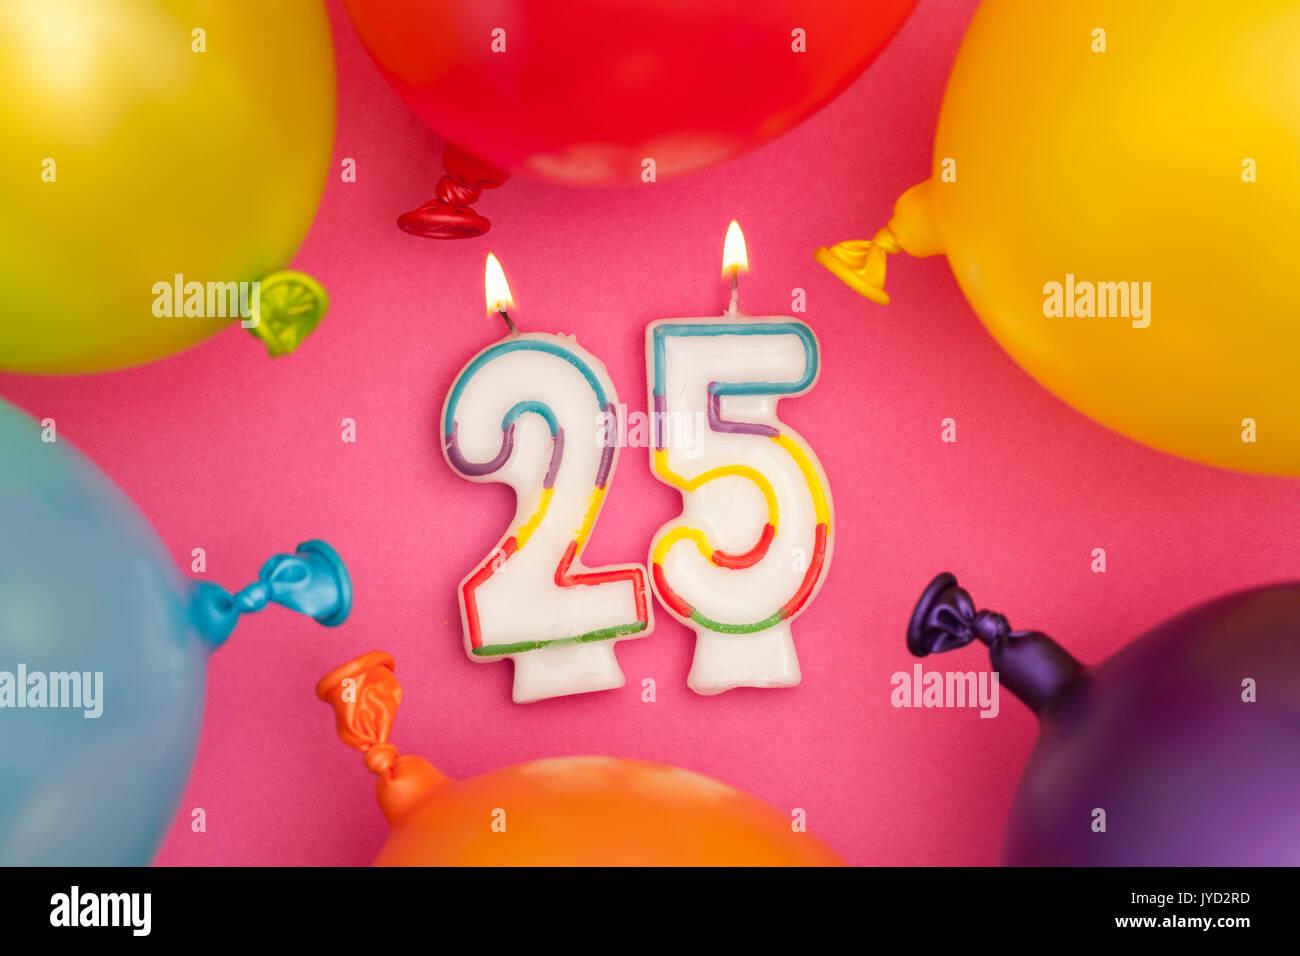 Feliz Cumpleanos Numero 25 Celebracion Vela Con Globos De Colores